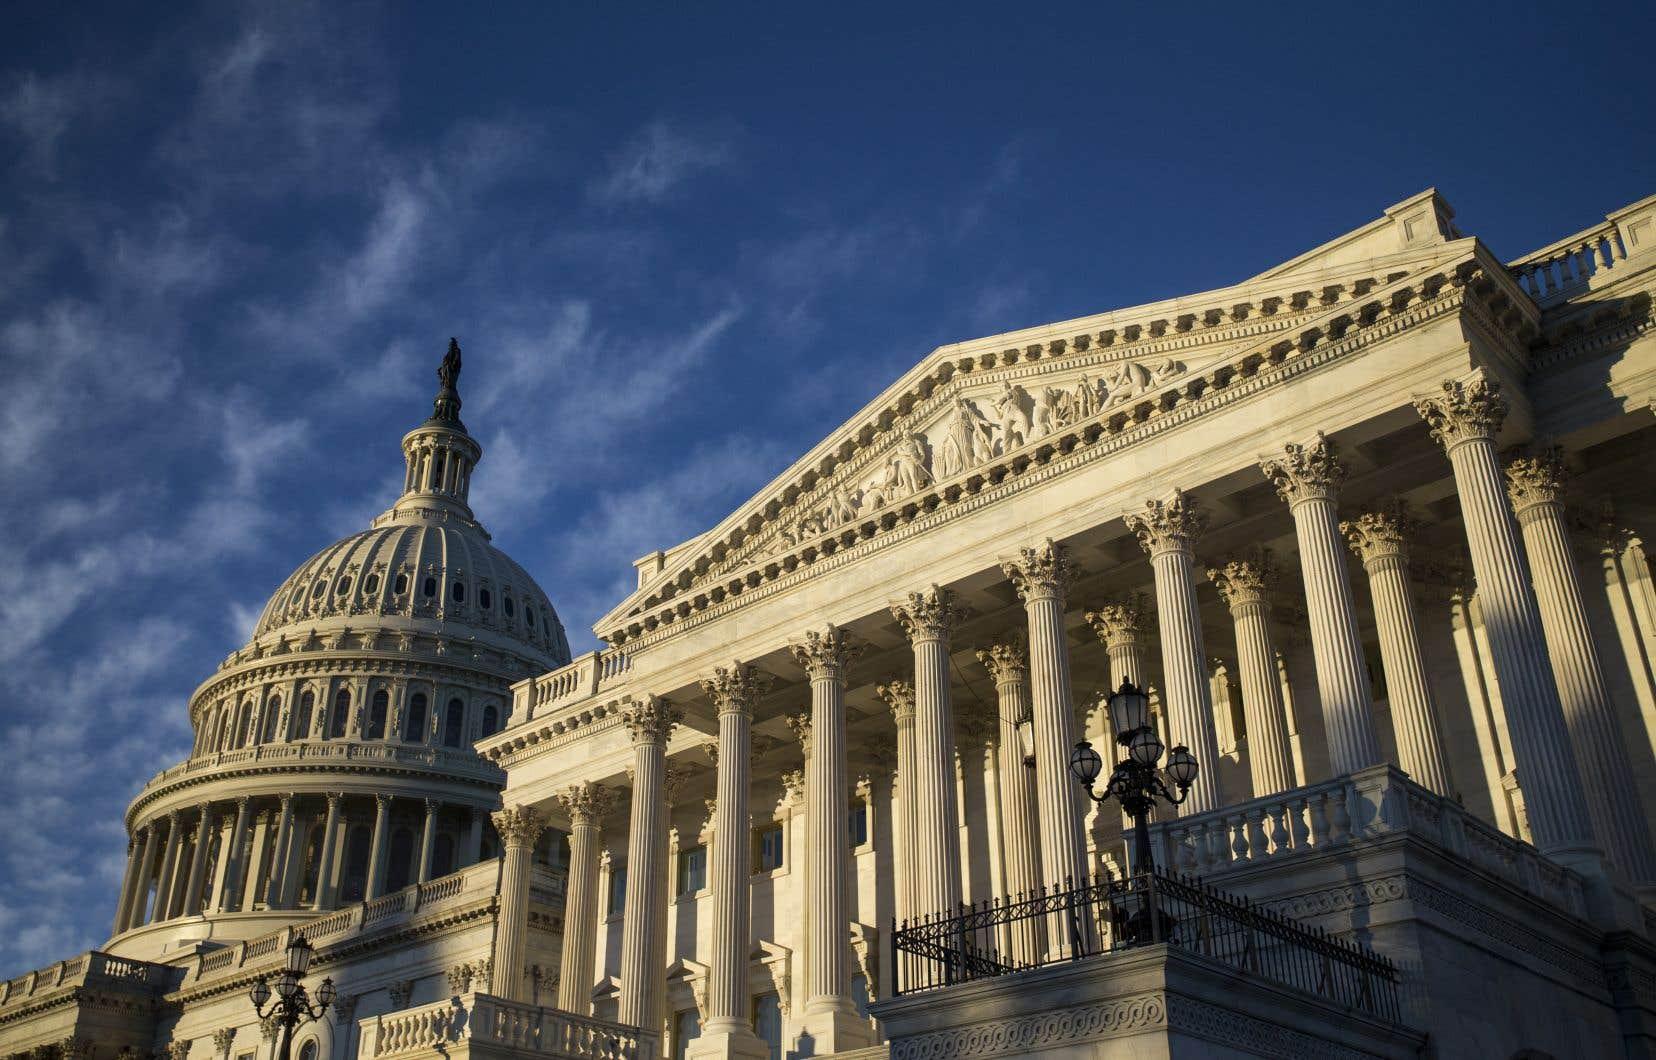 Pour être approuvé, un texte doit obtenir 60 voix au Sénat, où les républicains détiennent 53 des 100 sièges.